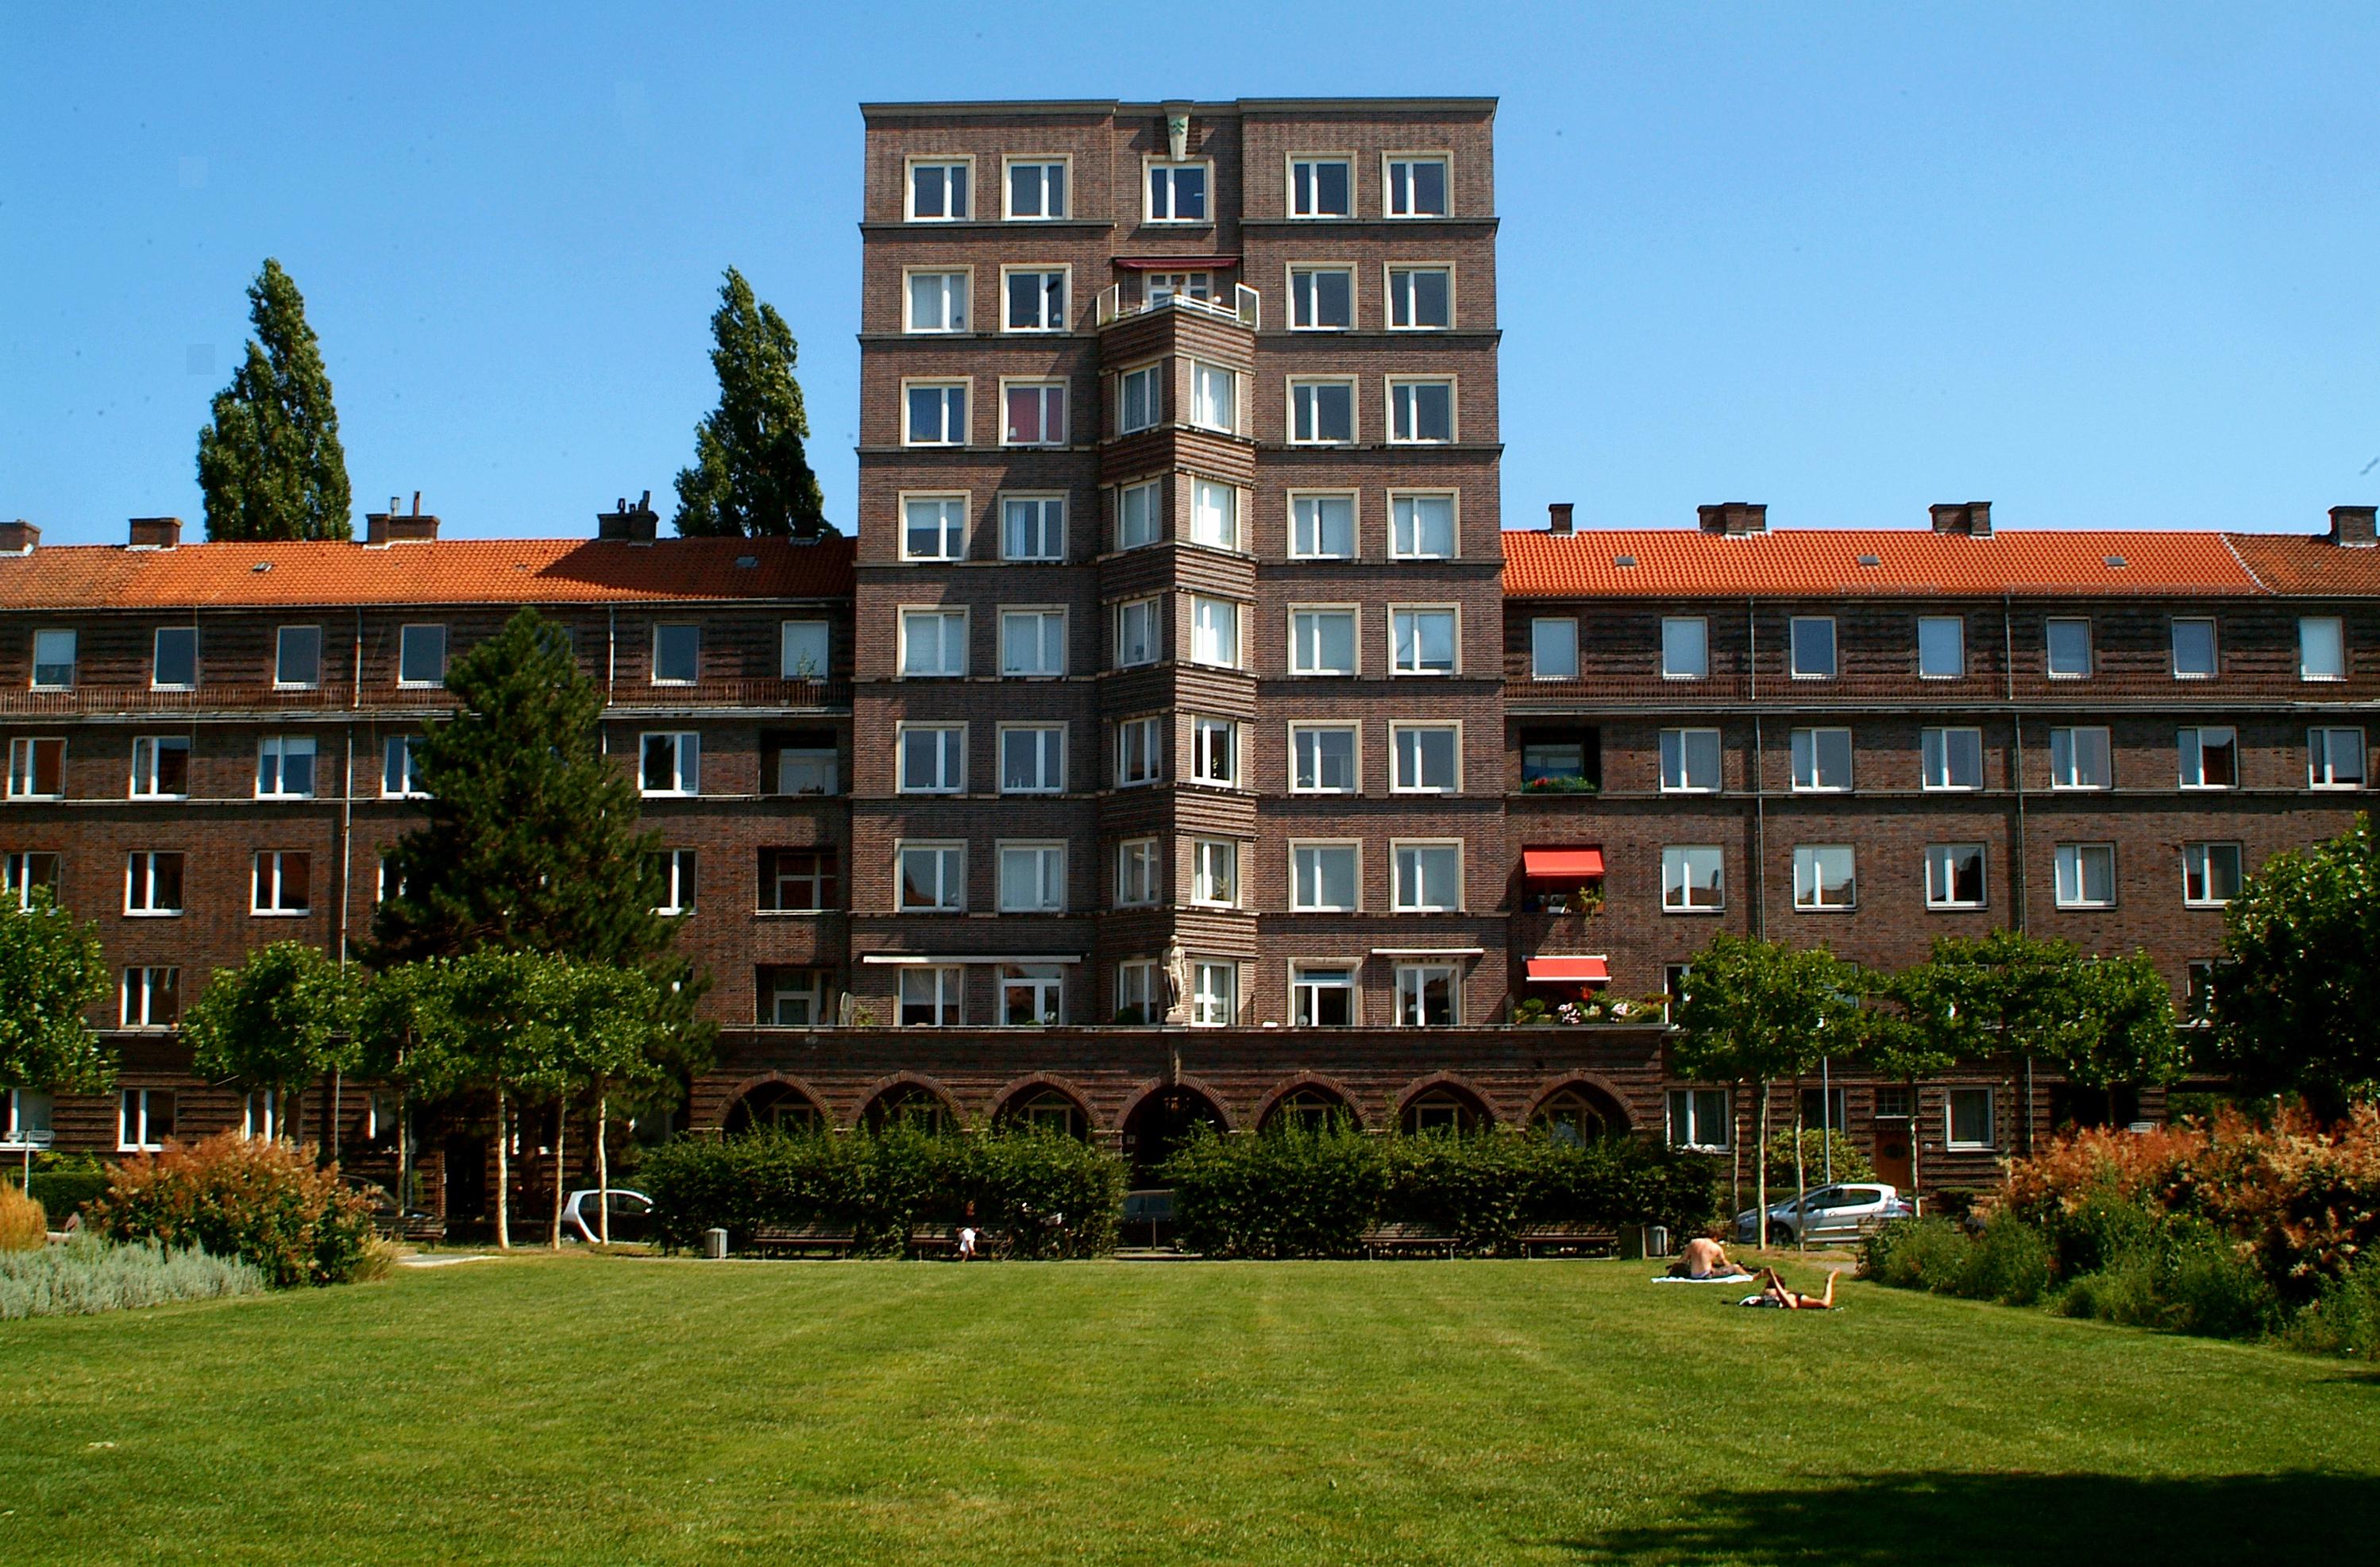 datei geibelplatz 5 hochhaus gl ckauf hannover s dstadt geb ude mit wikipedia. Black Bedroom Furniture Sets. Home Design Ideas